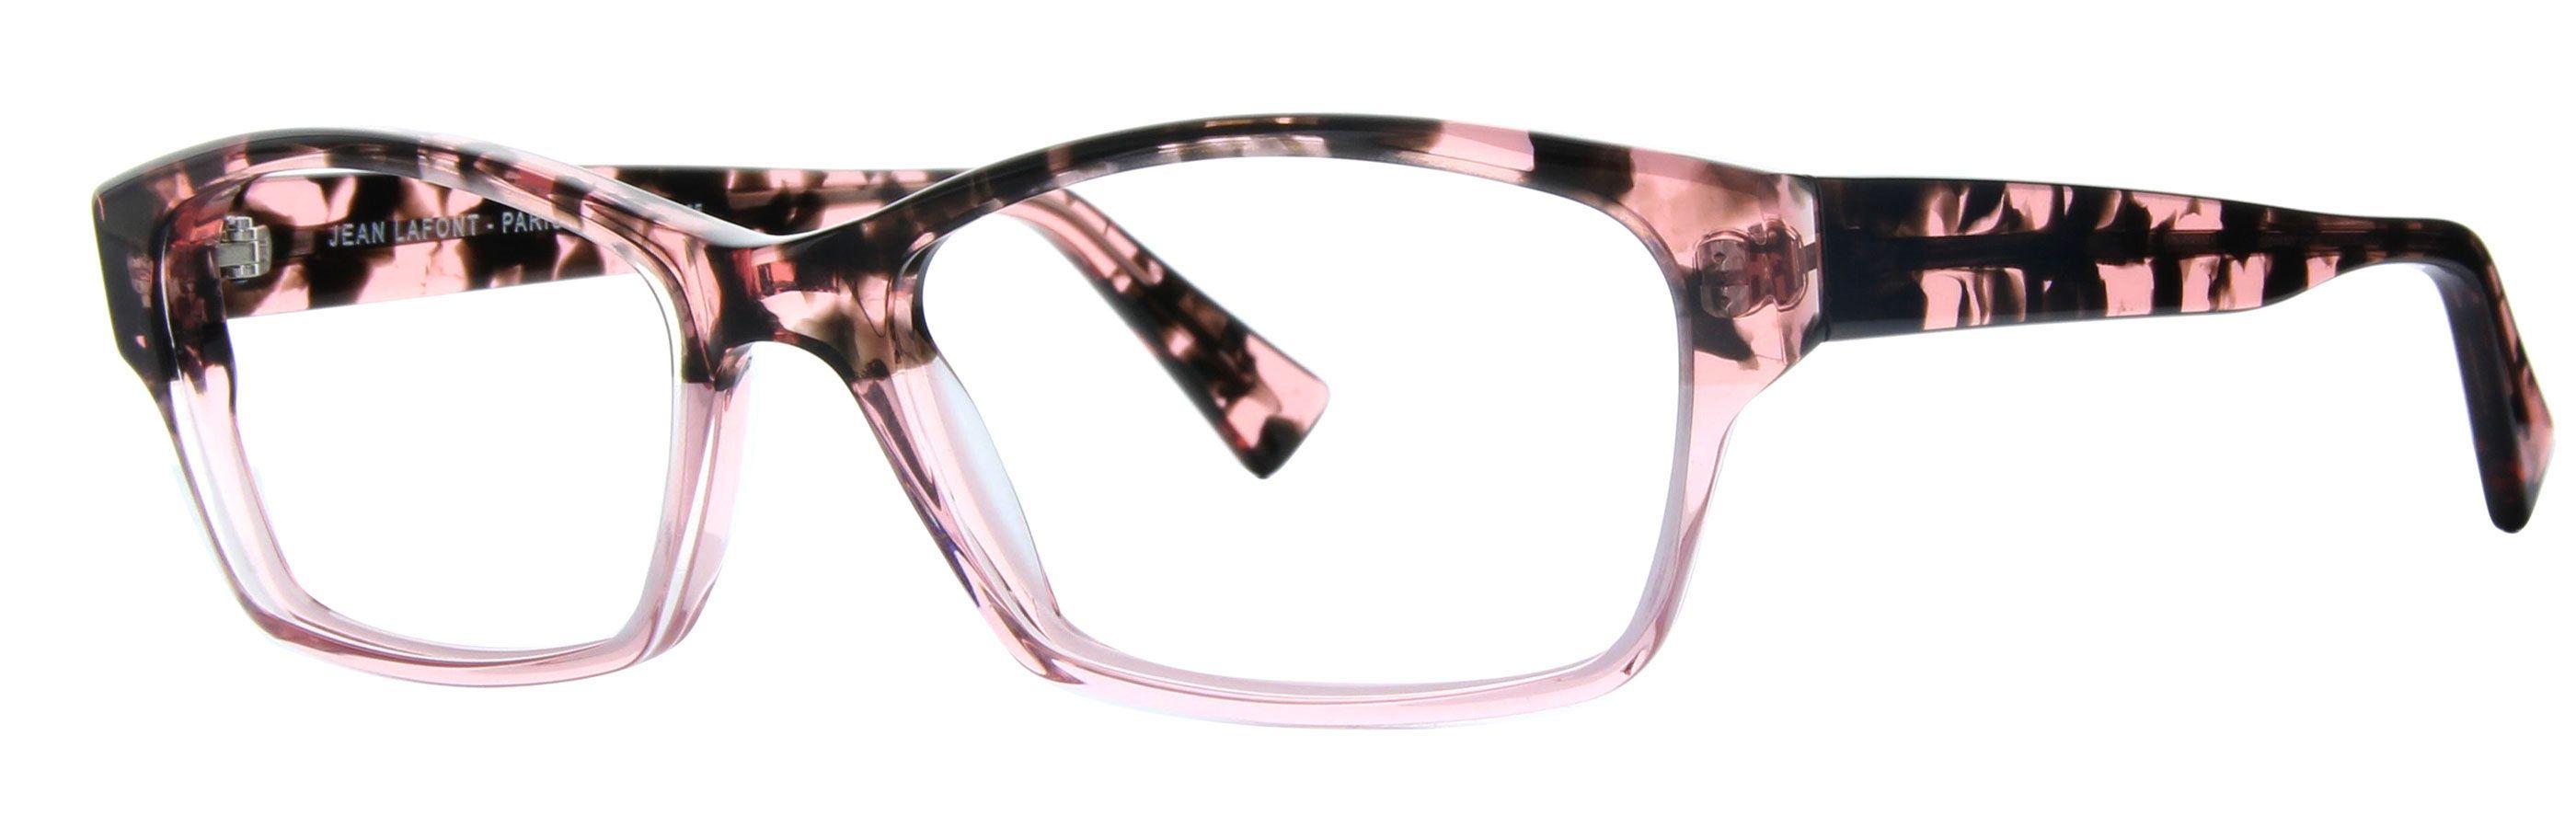 Lafont Paris - Optical Eyewear Frame -- LIN-743 | Lafont - Optical ...